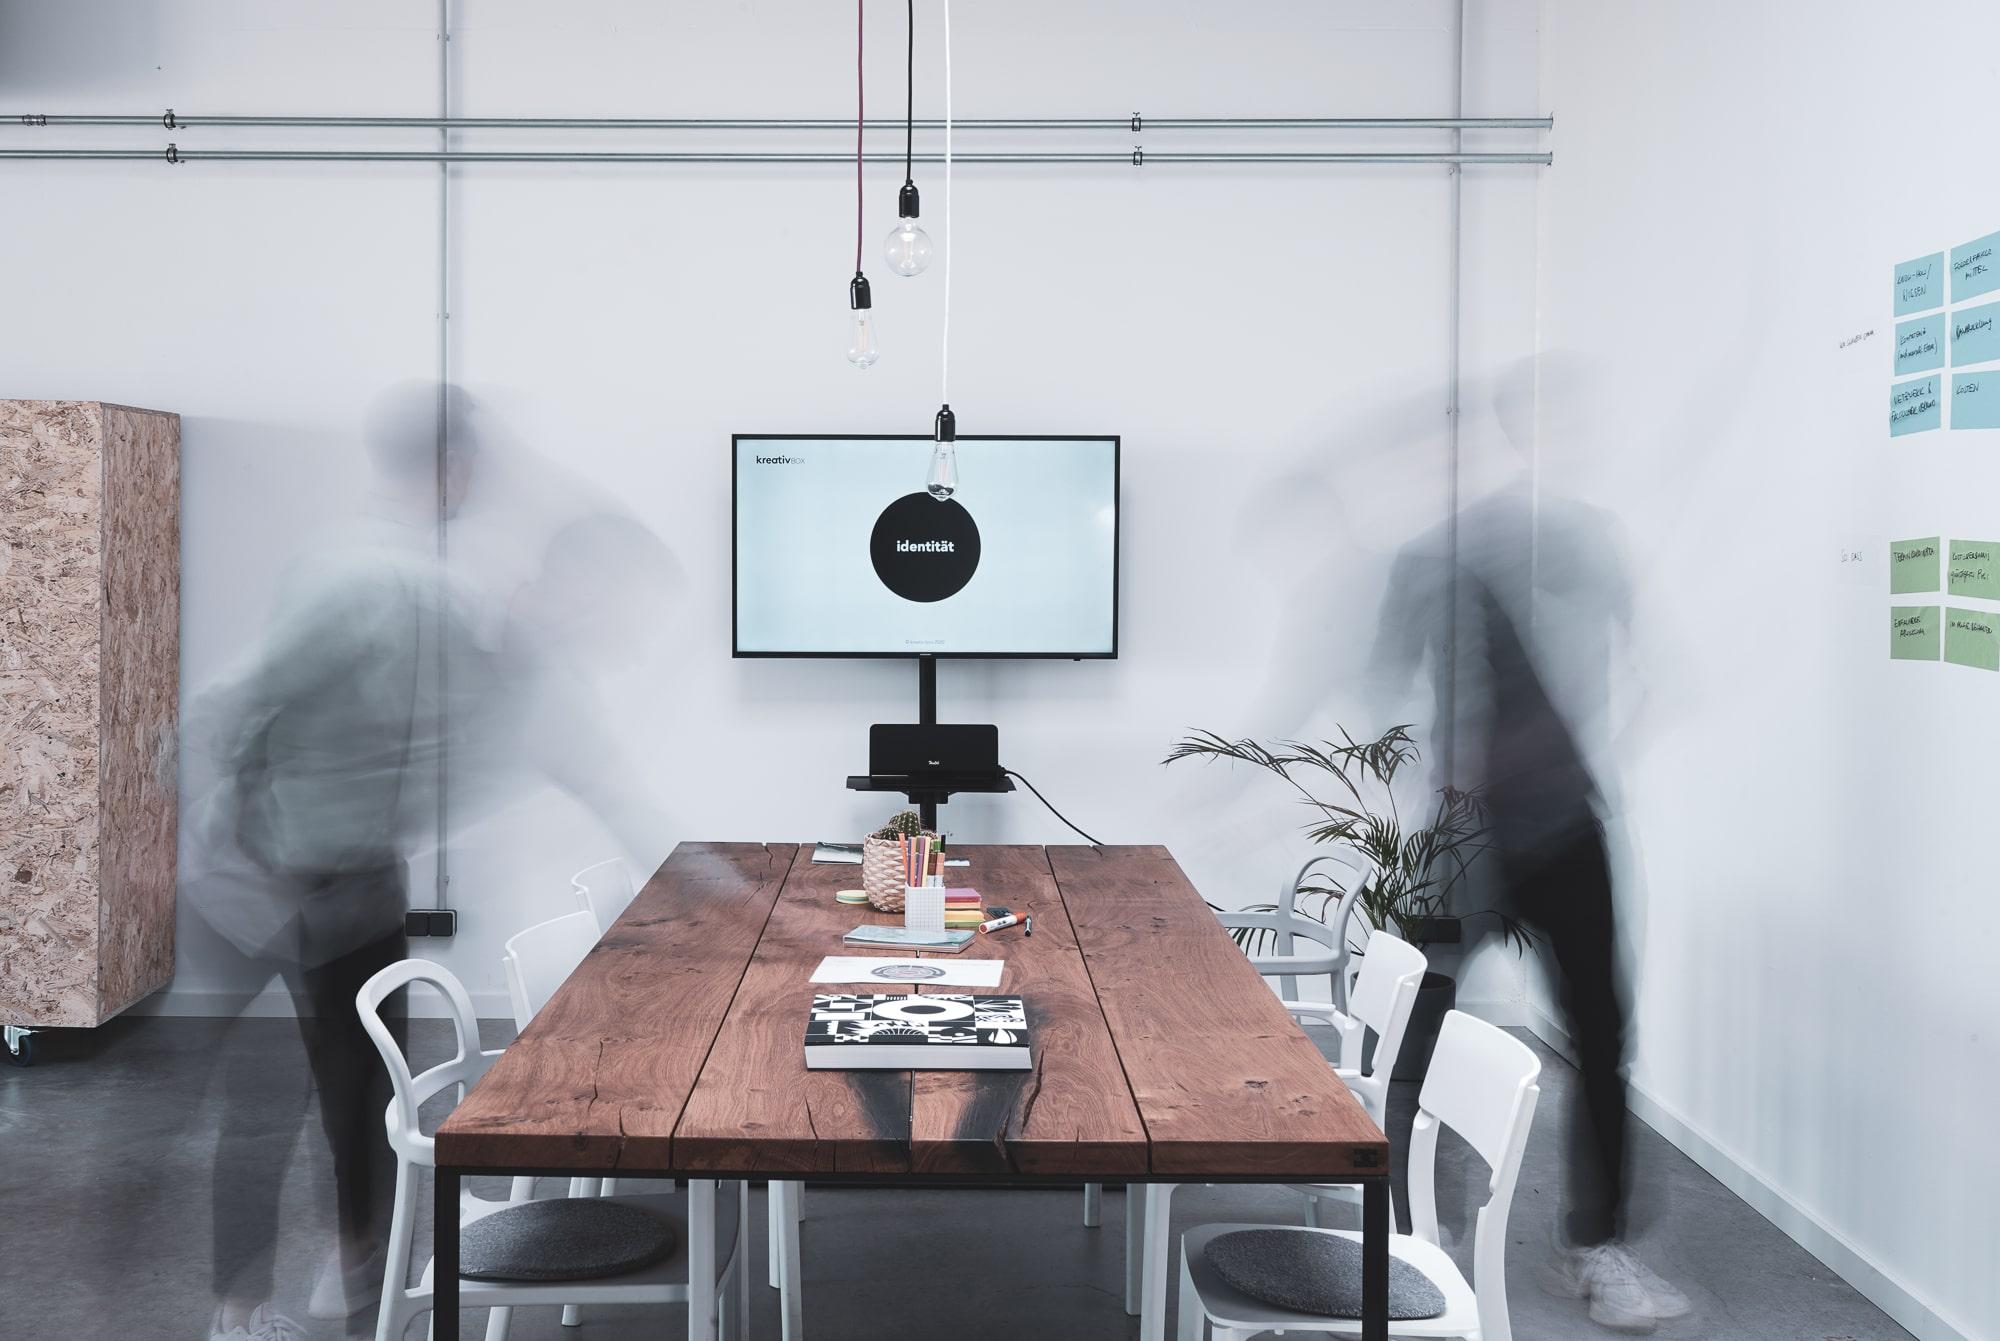 kreativbox Design und Marketing Agentur Aschaffenburg, Miltenberg, Frankfurt